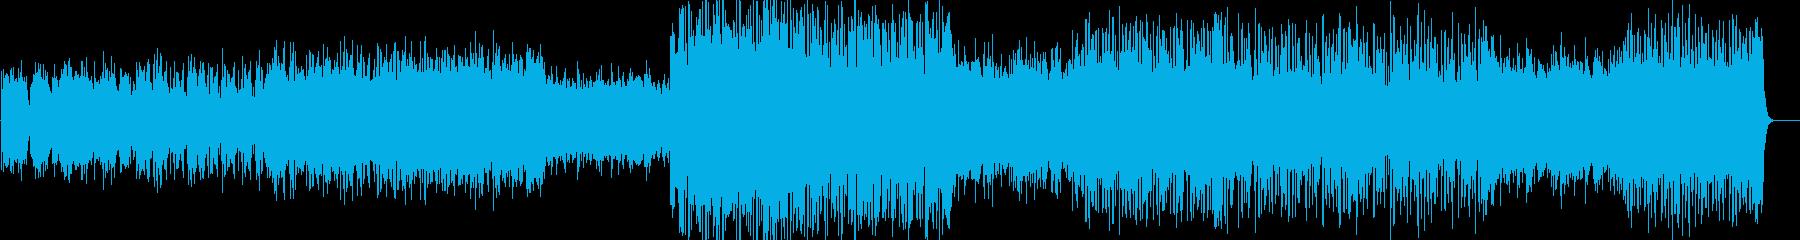 幻想的な曲なのかもしれない曲です。の再生済みの波形